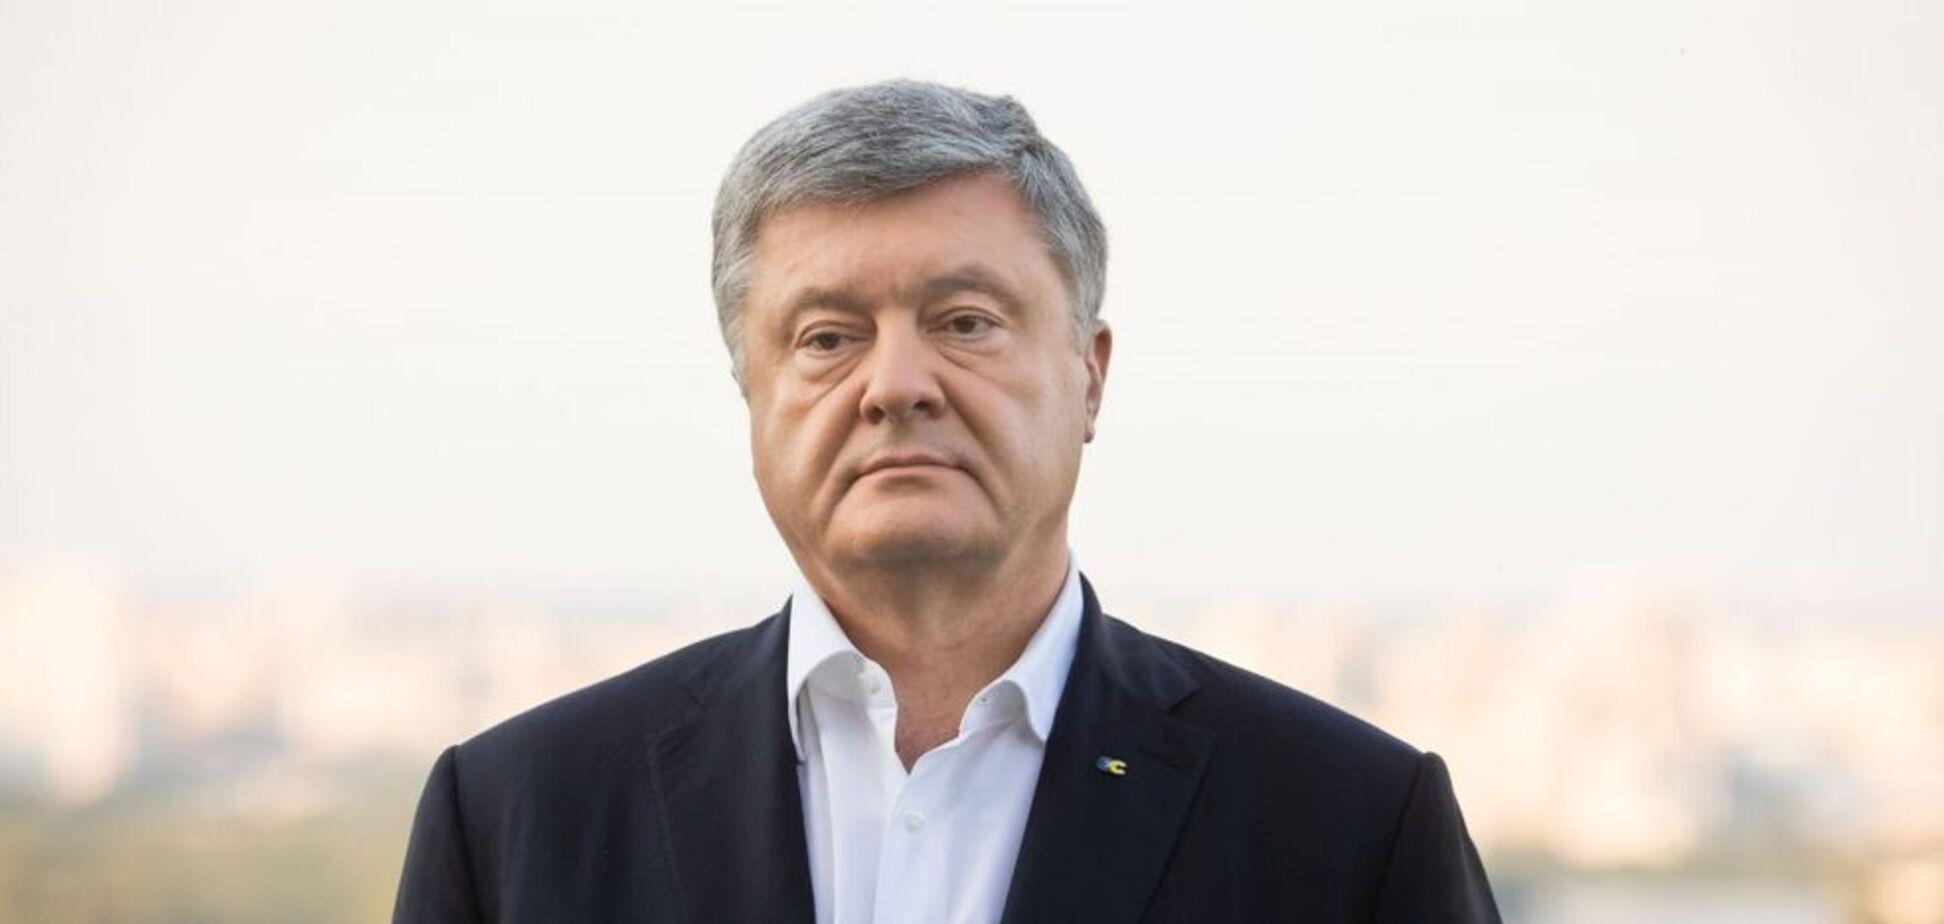 Хрещення стало прийняттям України до родини європейських народів — Порошенко